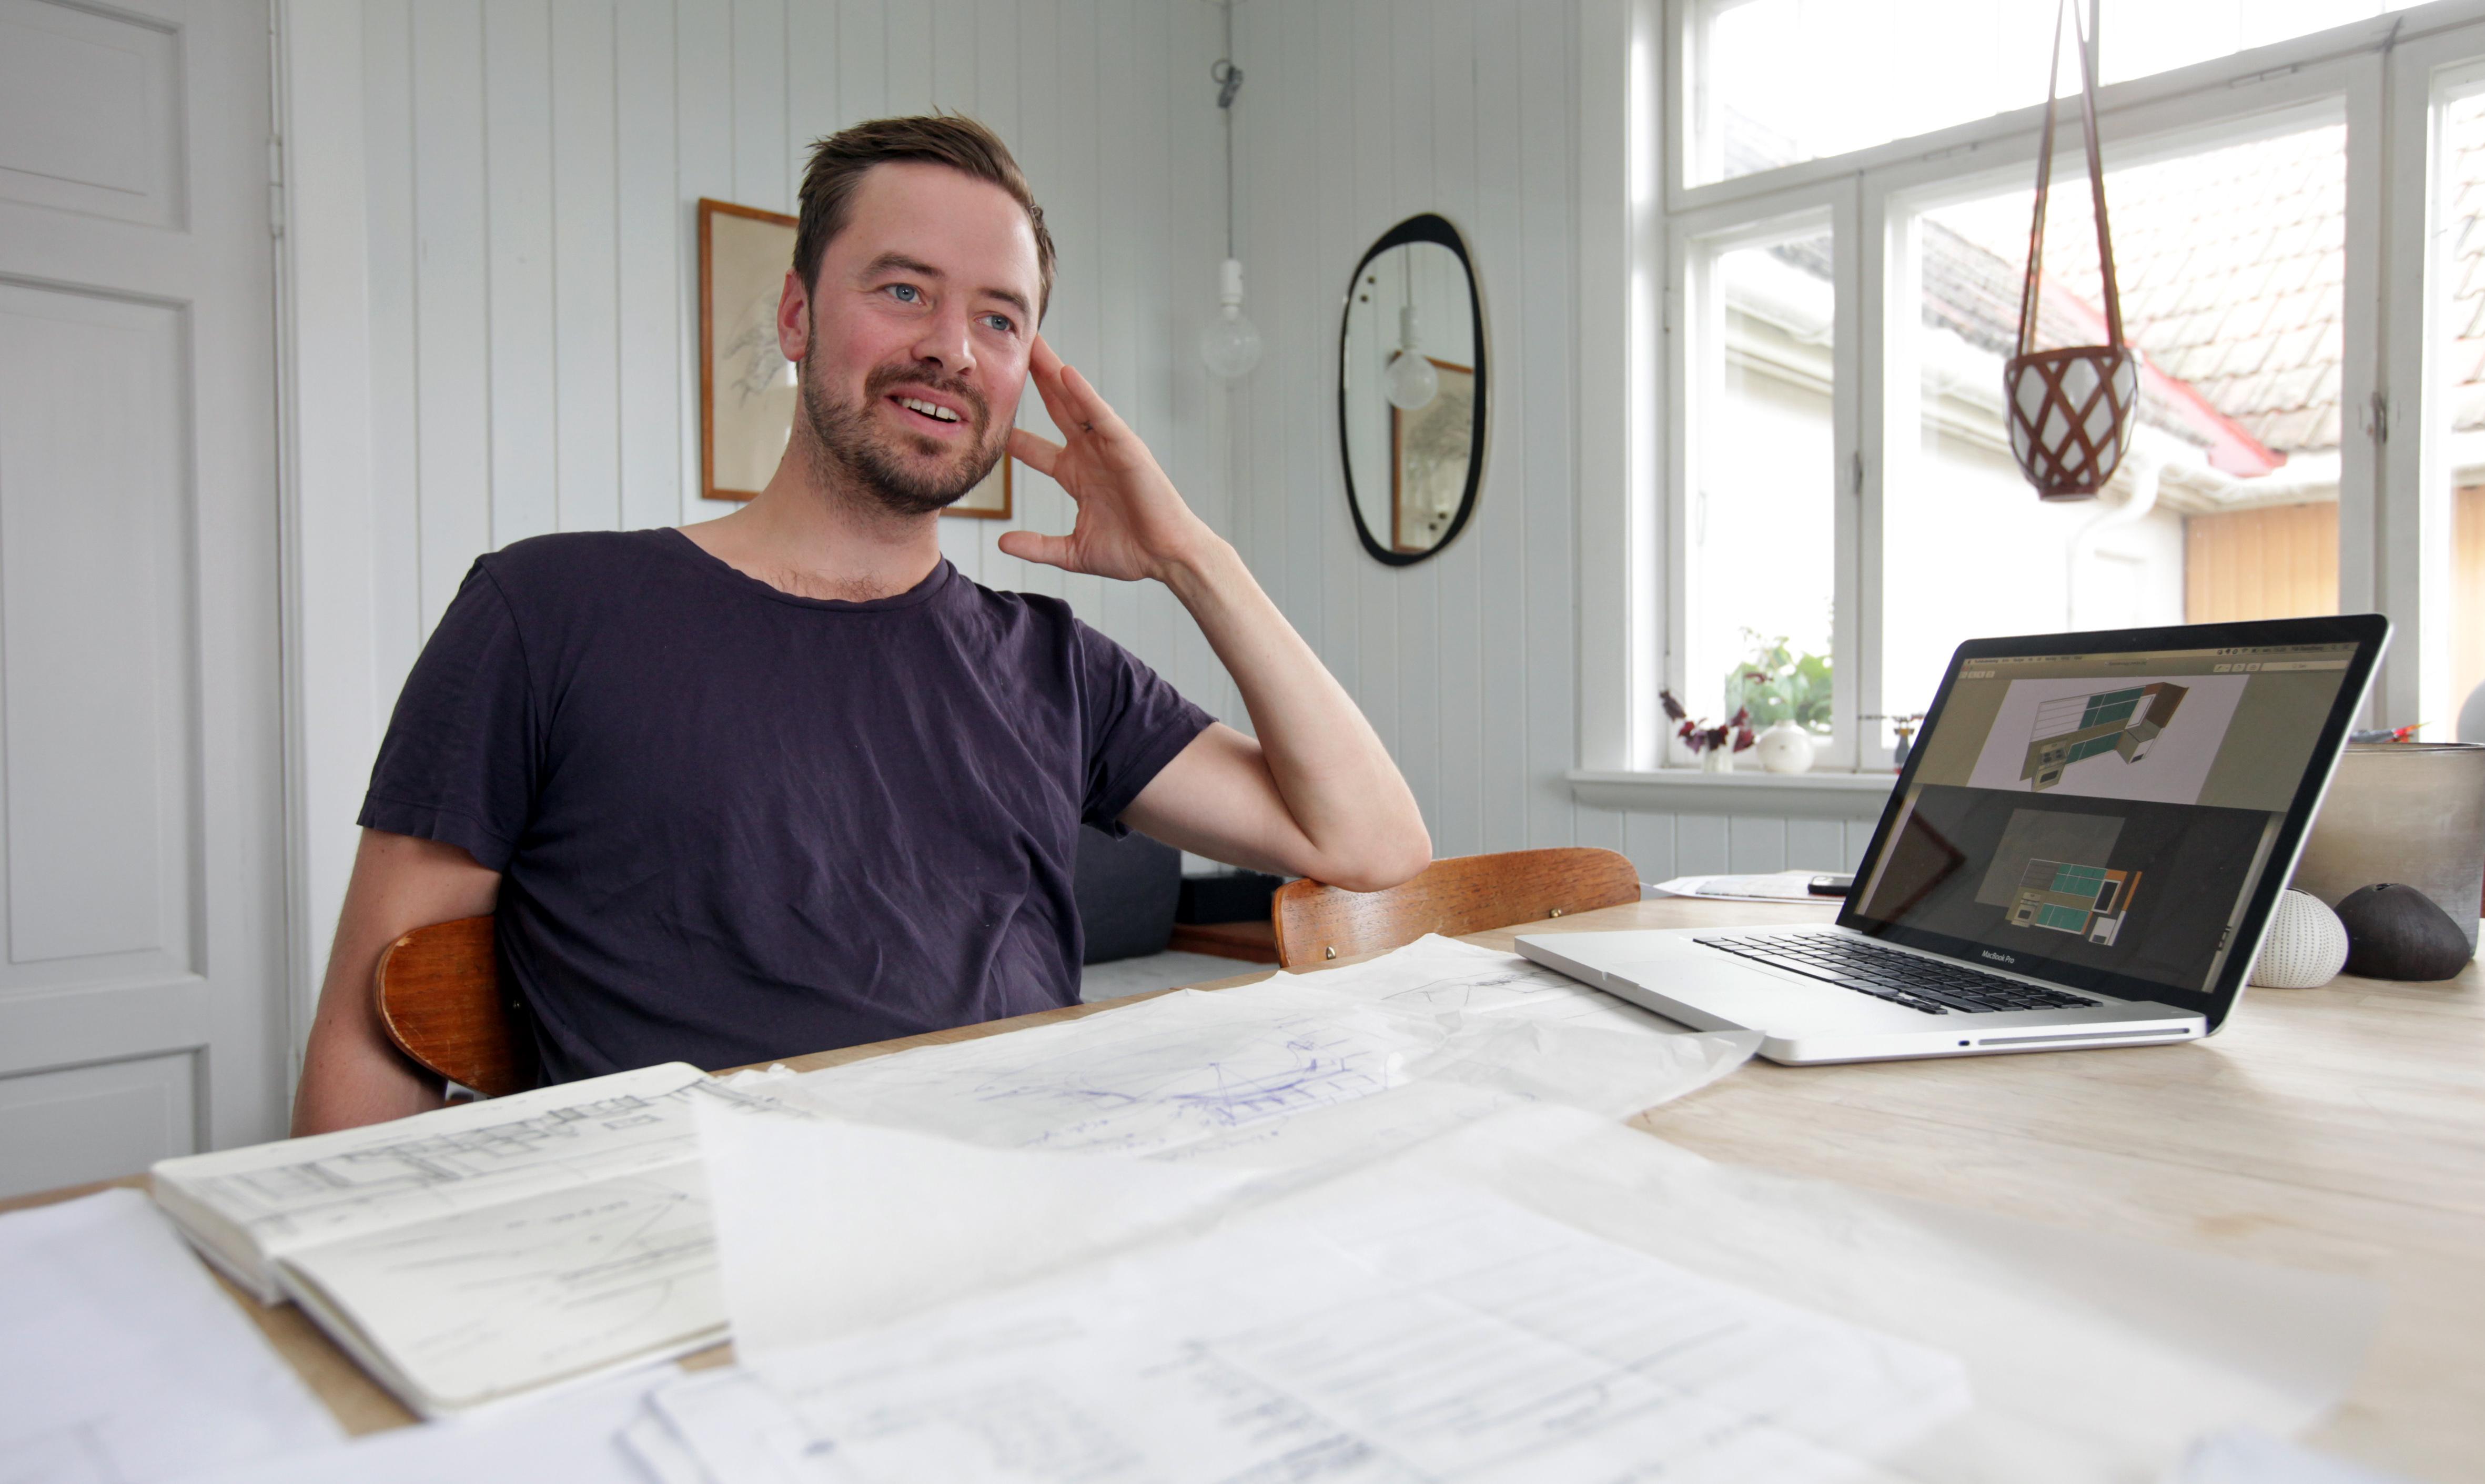 Scenografien til Olsenbanden Jr. på Cirkus går veien fra idé til skisseblokk og videre til datamaskin og arbeidstegninger. Scenograf Pål Dixon Sandberg har ansvaret for prosessen for sjette gang.